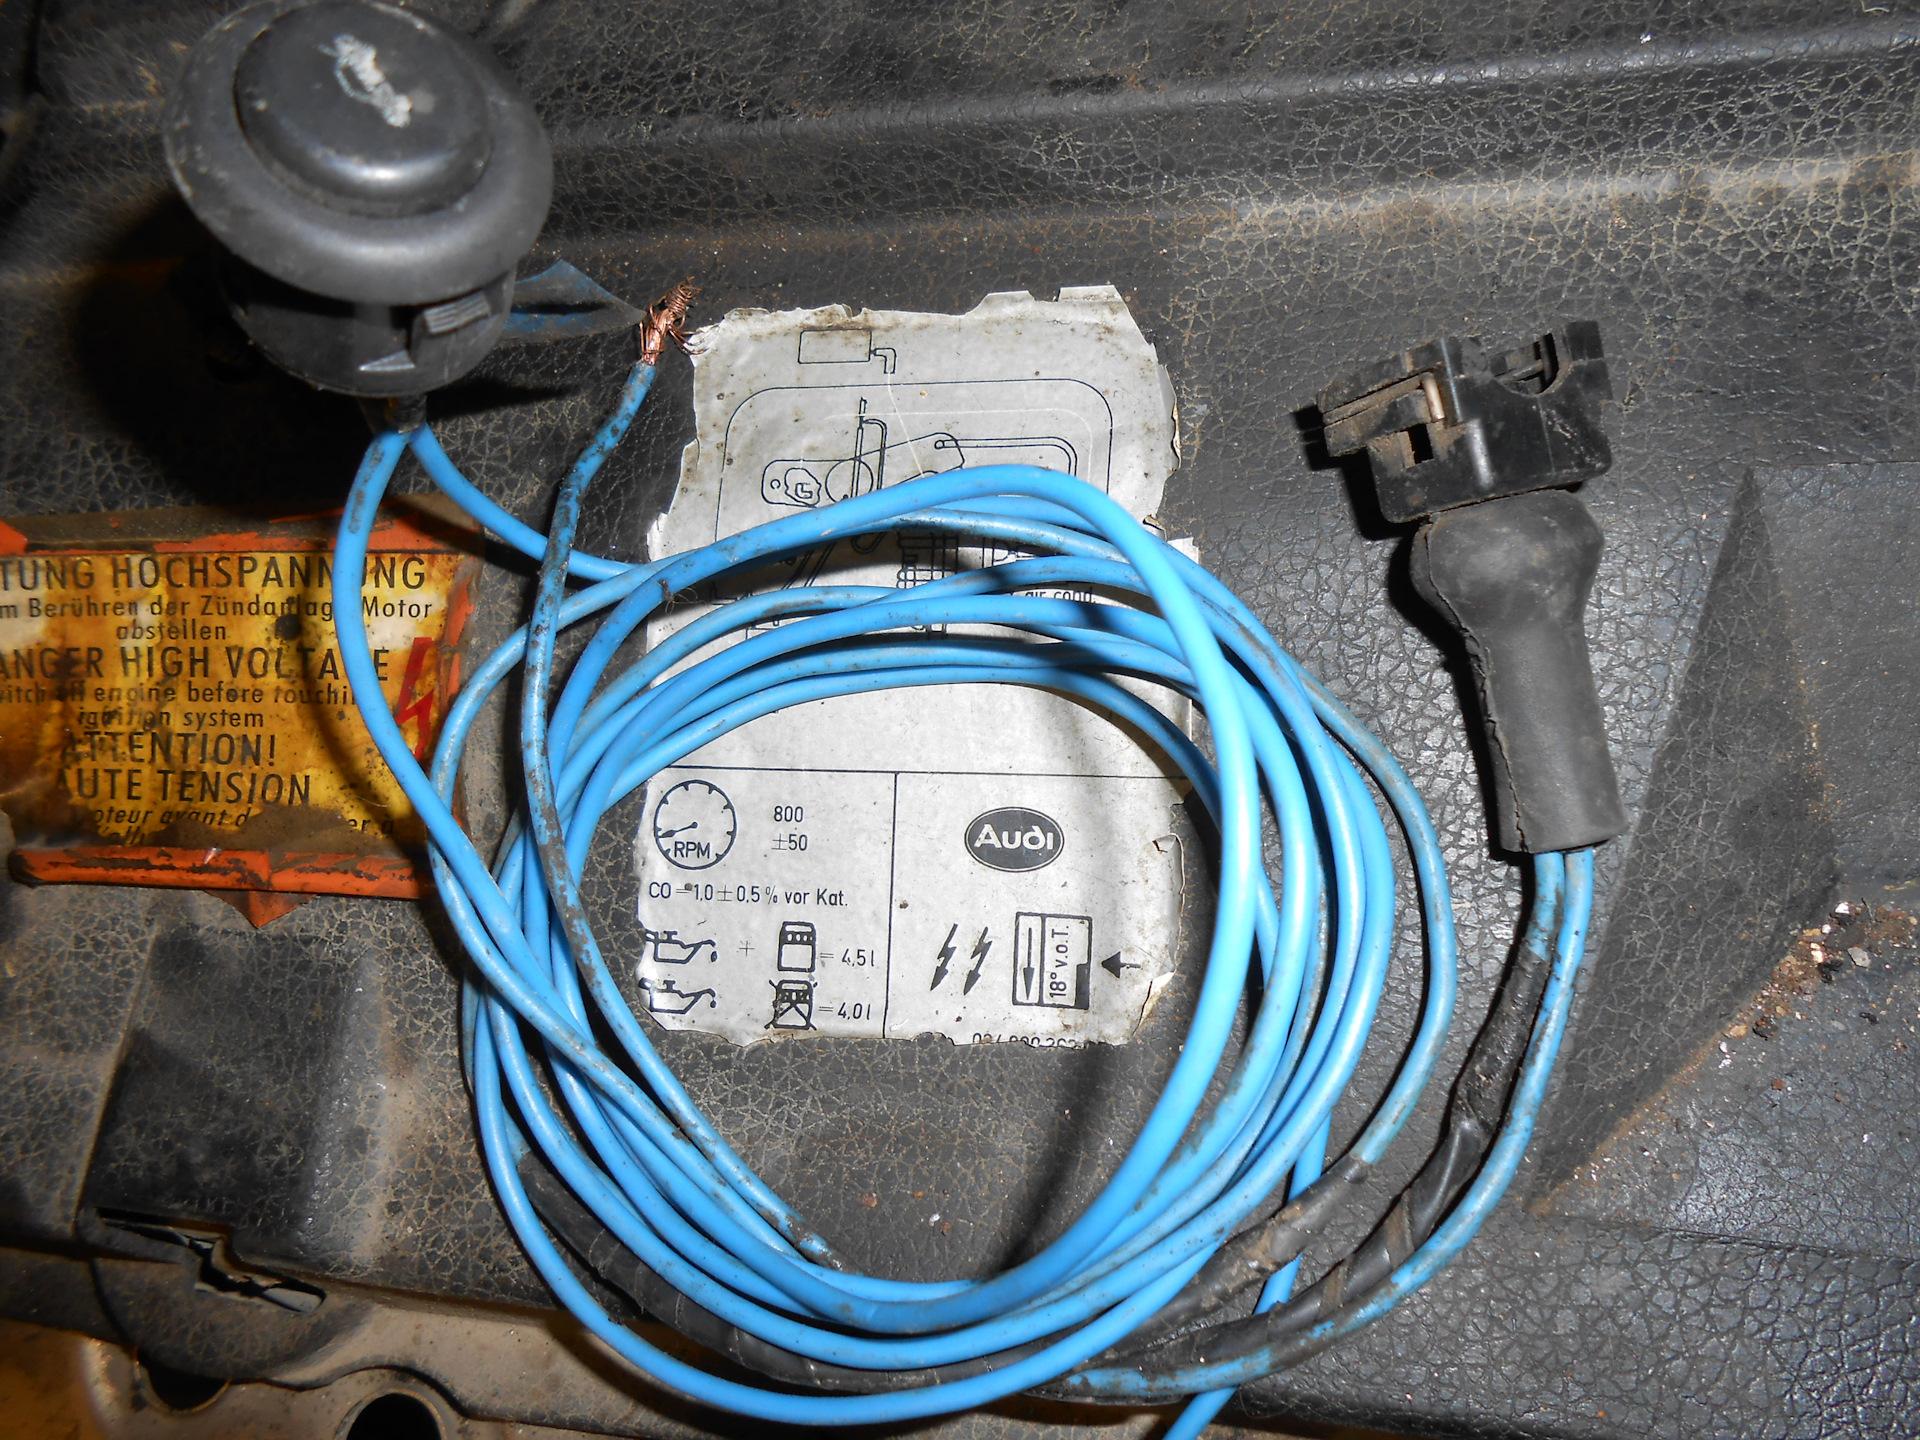 Как сделать диагностику Audi 100 2.3 AAR-94г?Нужен совет срочно 19